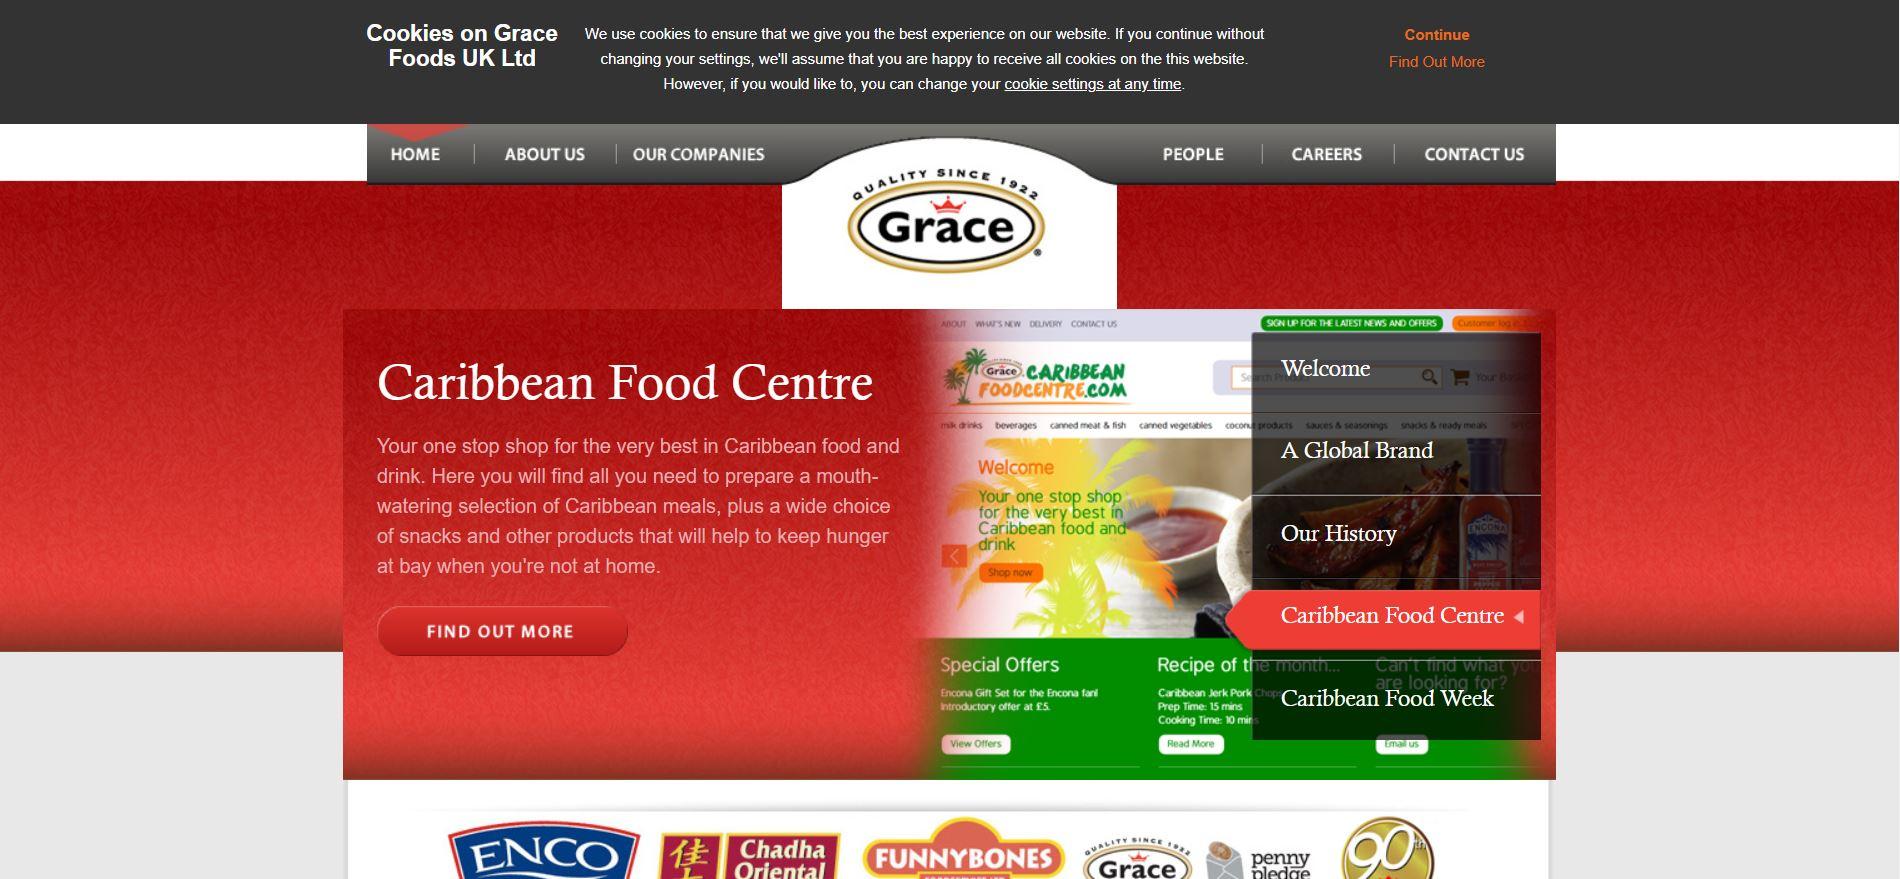 Grace Foods UK